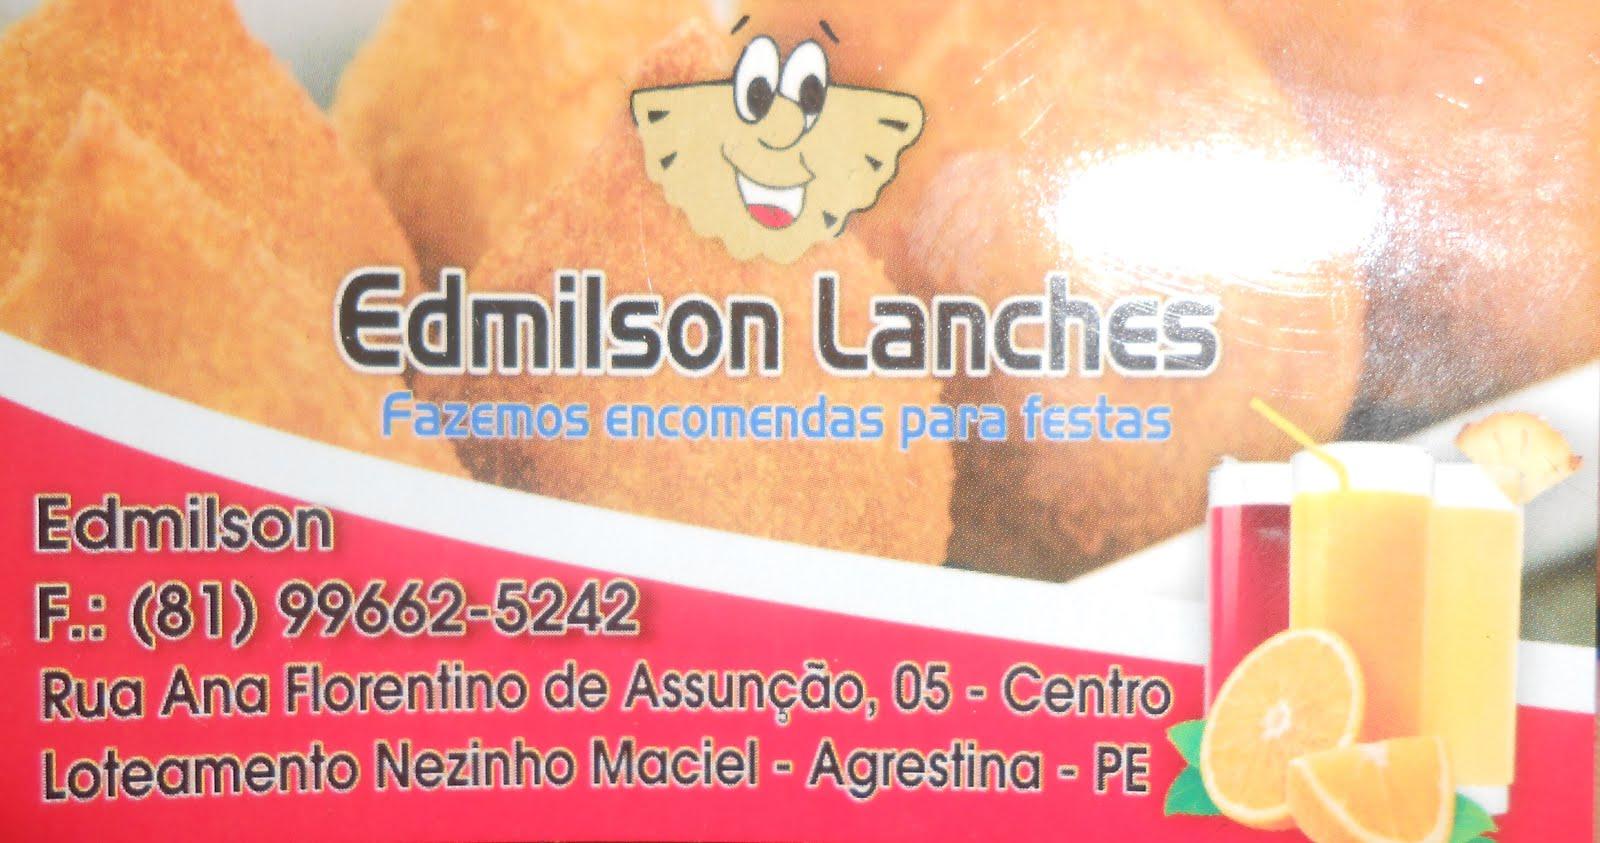 EDMÍLSON LANCHES EM AGRESTINA FAZEMOS ENCOMENDAS PARA FESTAS